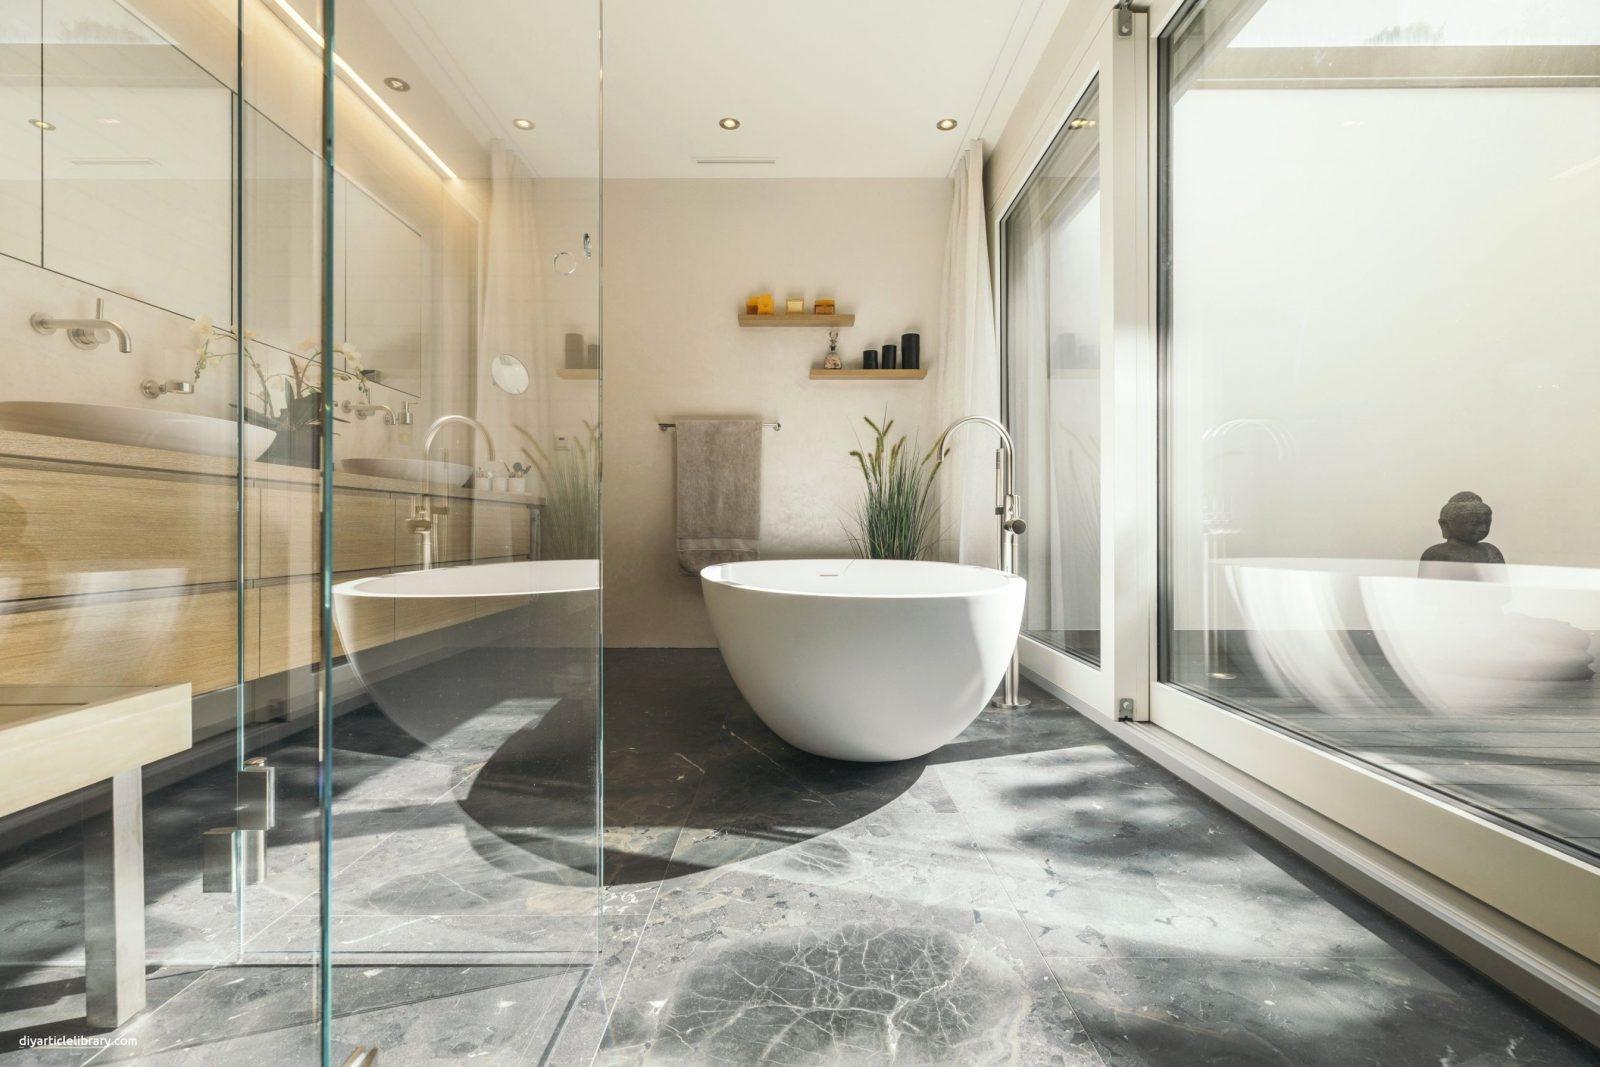 Altes Badezimmer Aufpeppen Vorher Nachher Bilder Schön Awesome Für von Altes Badezimmer Aufpeppen Vorher Nachher Bilder Bild